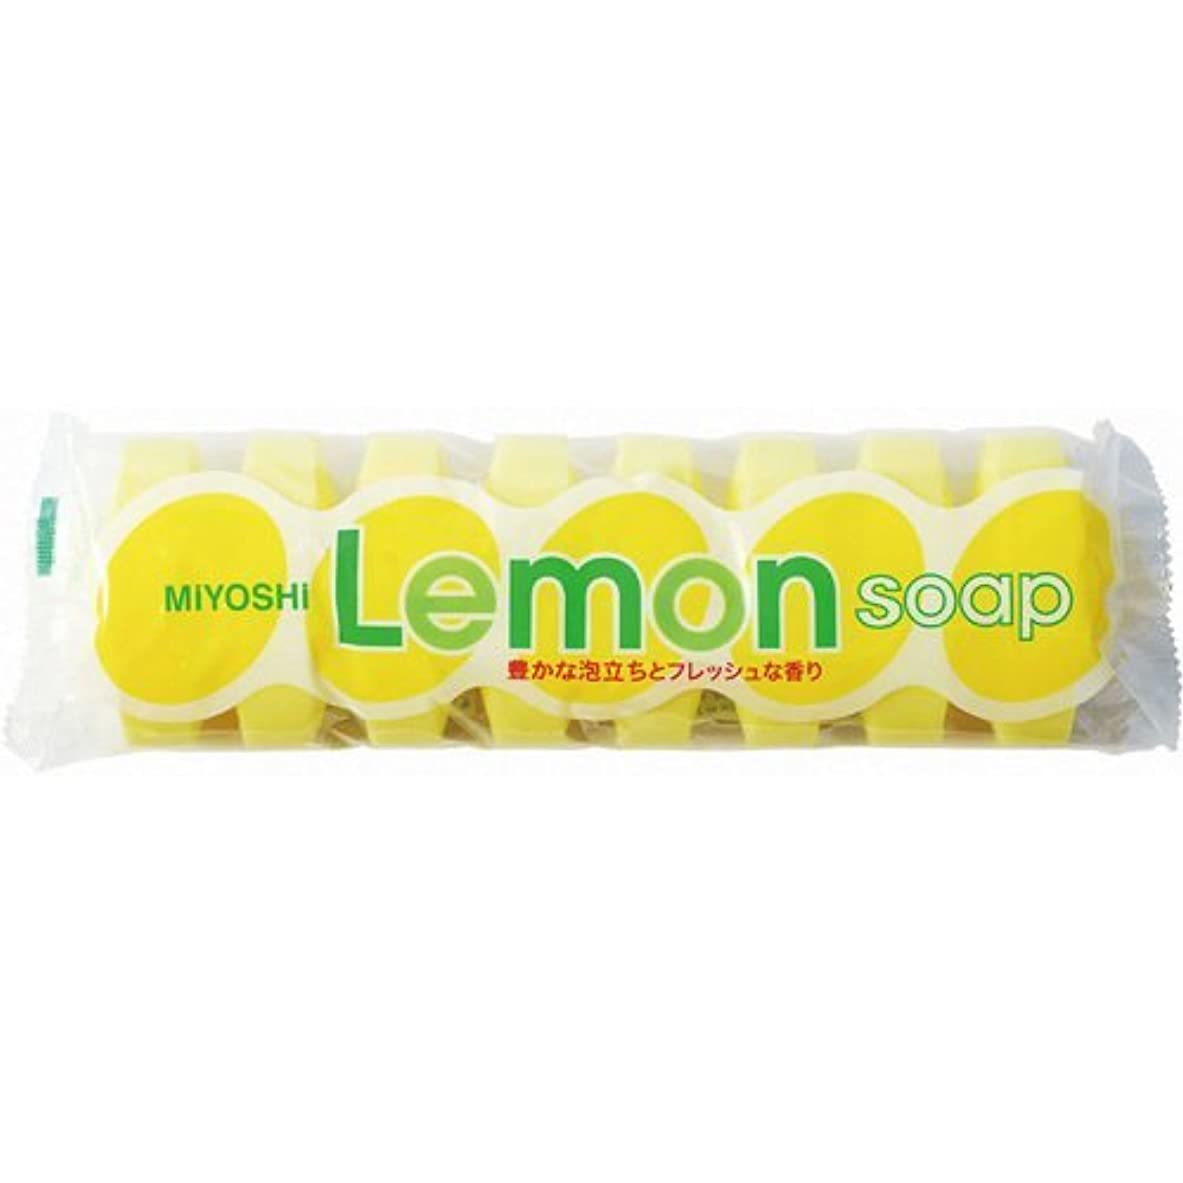 注入咲く歪めるミヨシ レモンソープ 45g×8個入